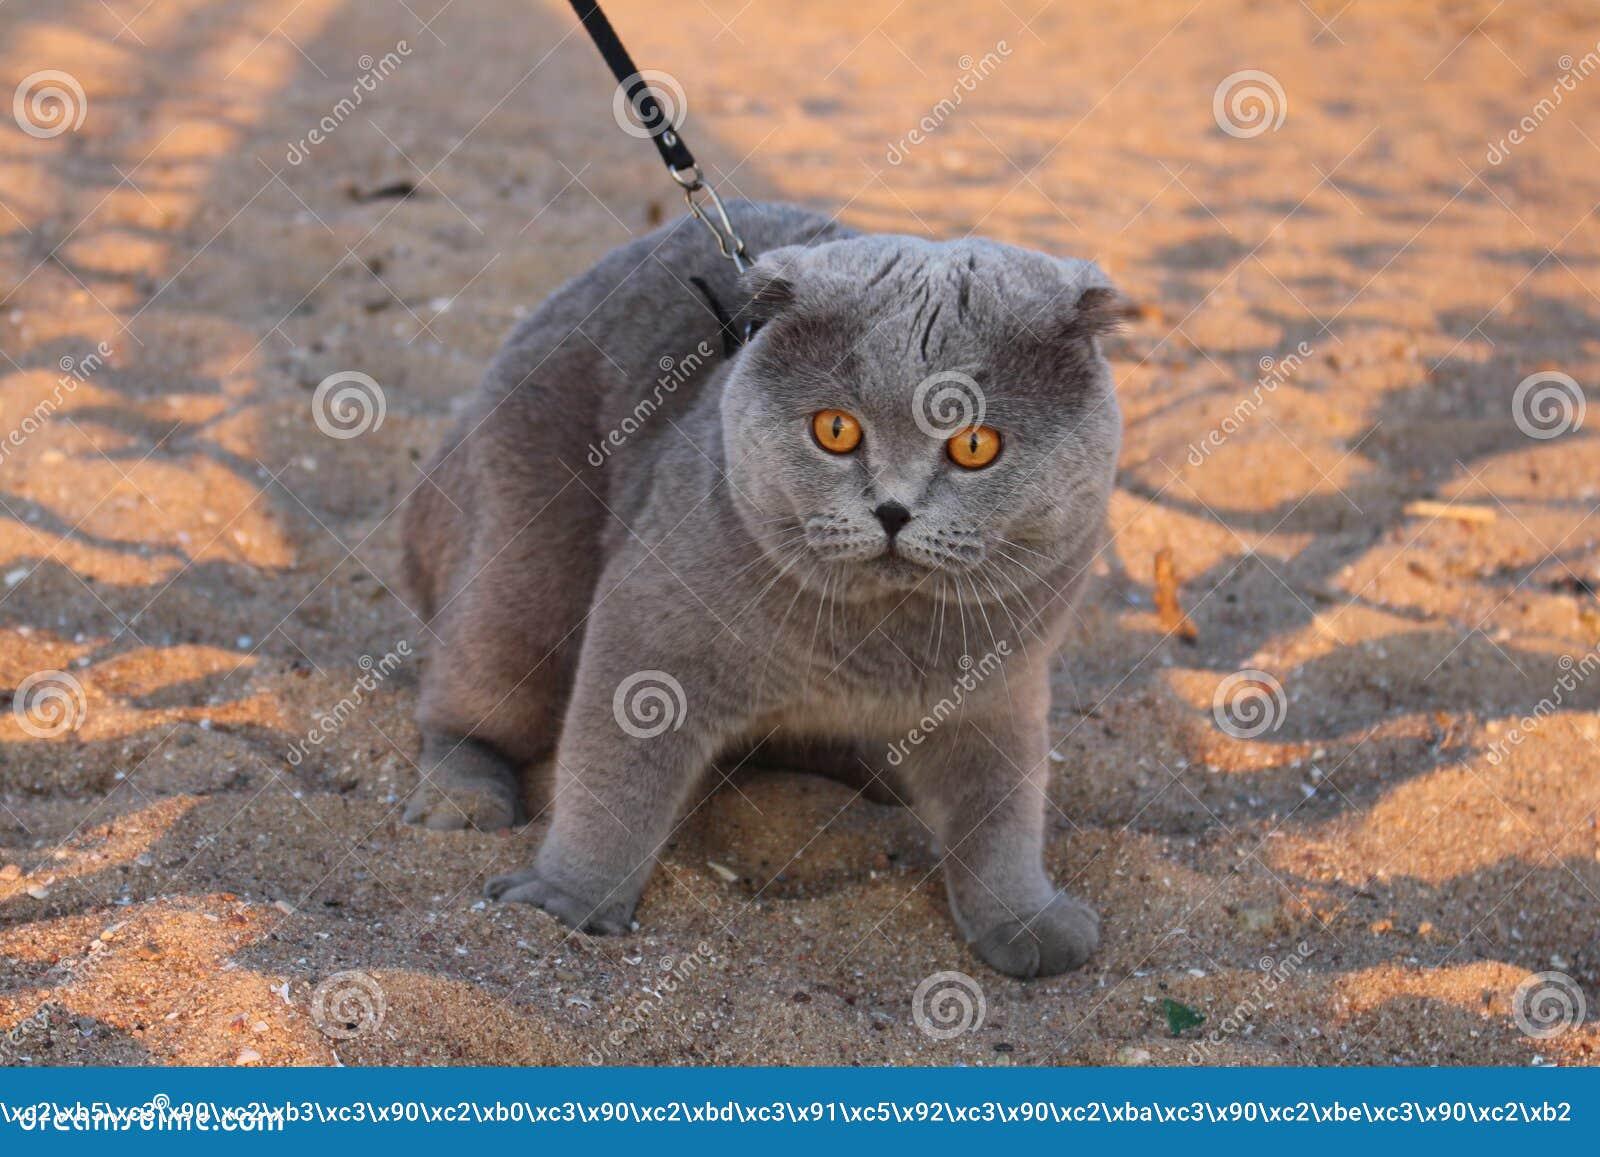 Um gato fumarento enorme com olhos amarelos e um colar